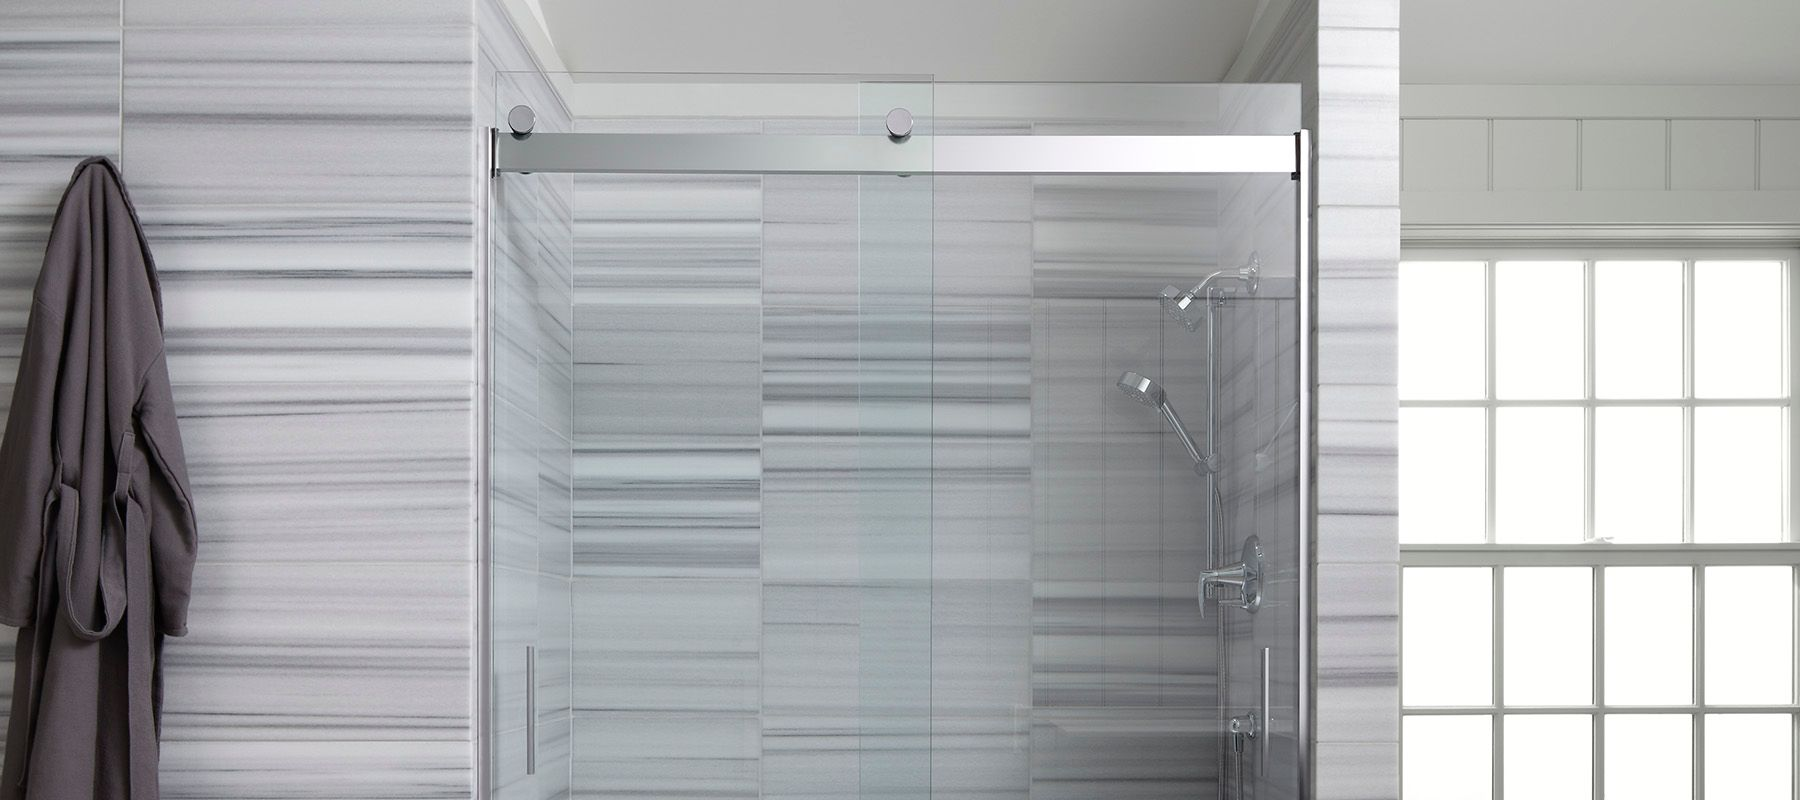 Revel Shower Doors Showering Bathroom Kohler